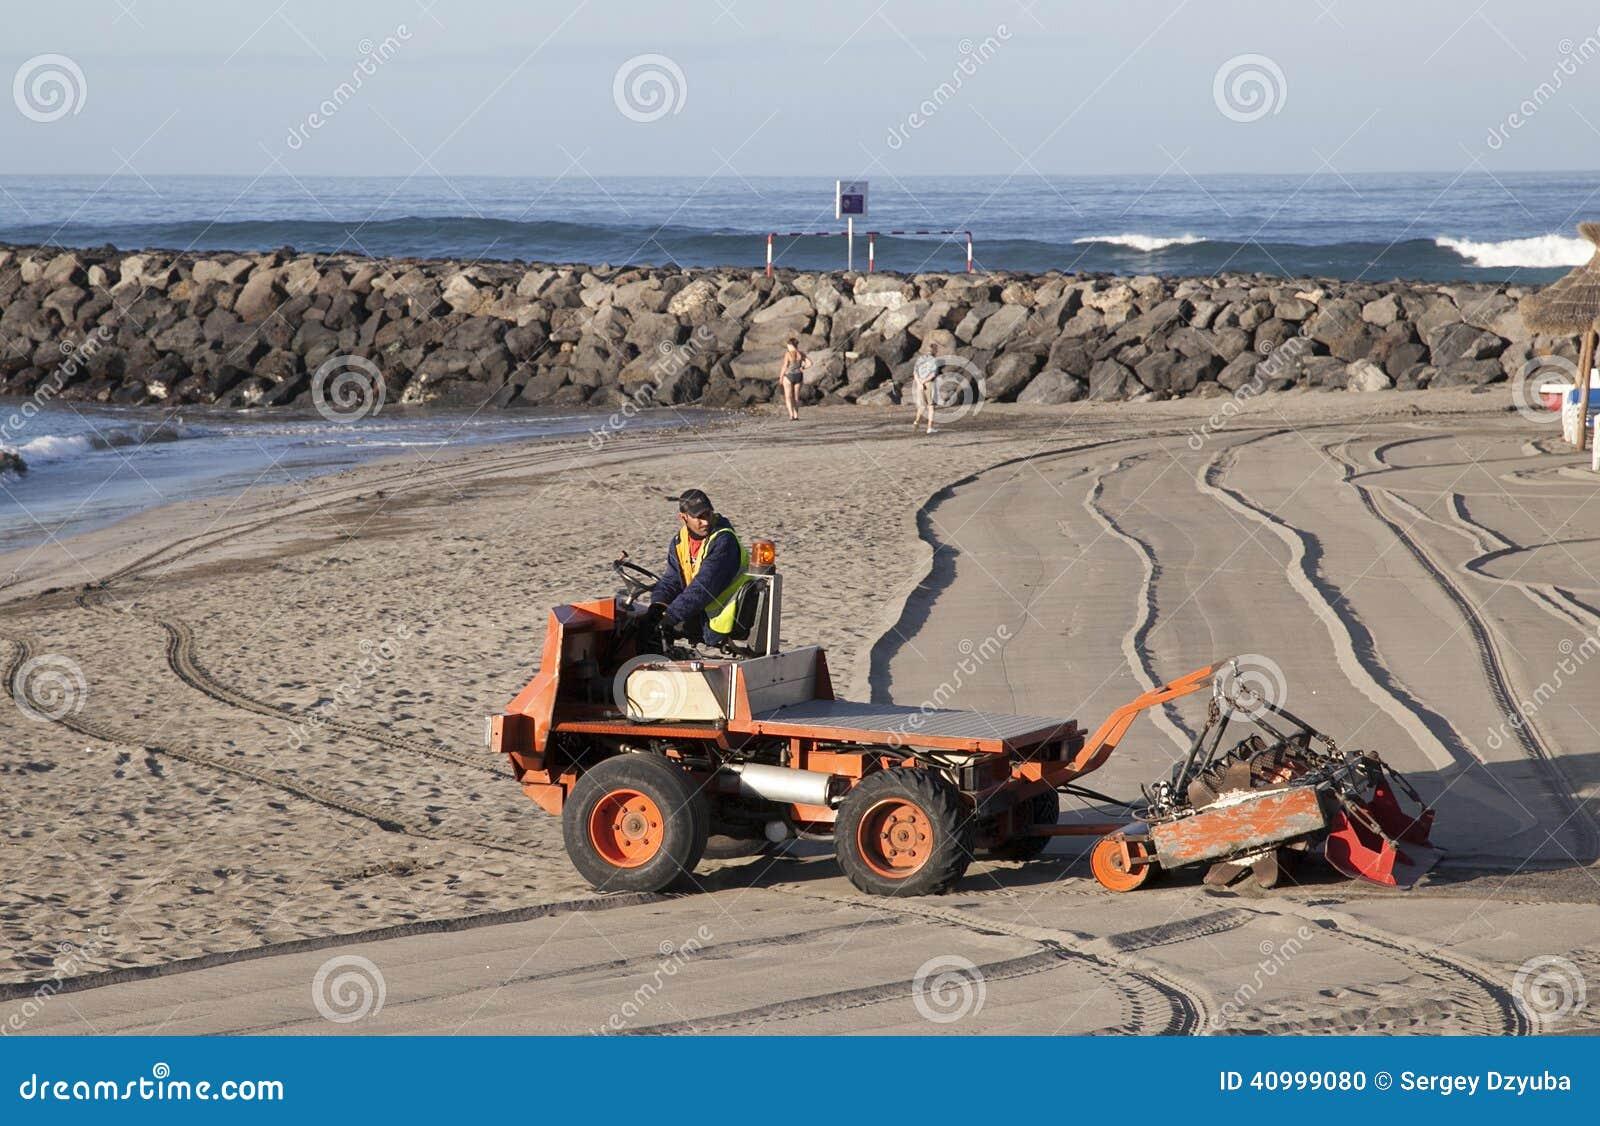 Специальная машина просеивает песок на пляже